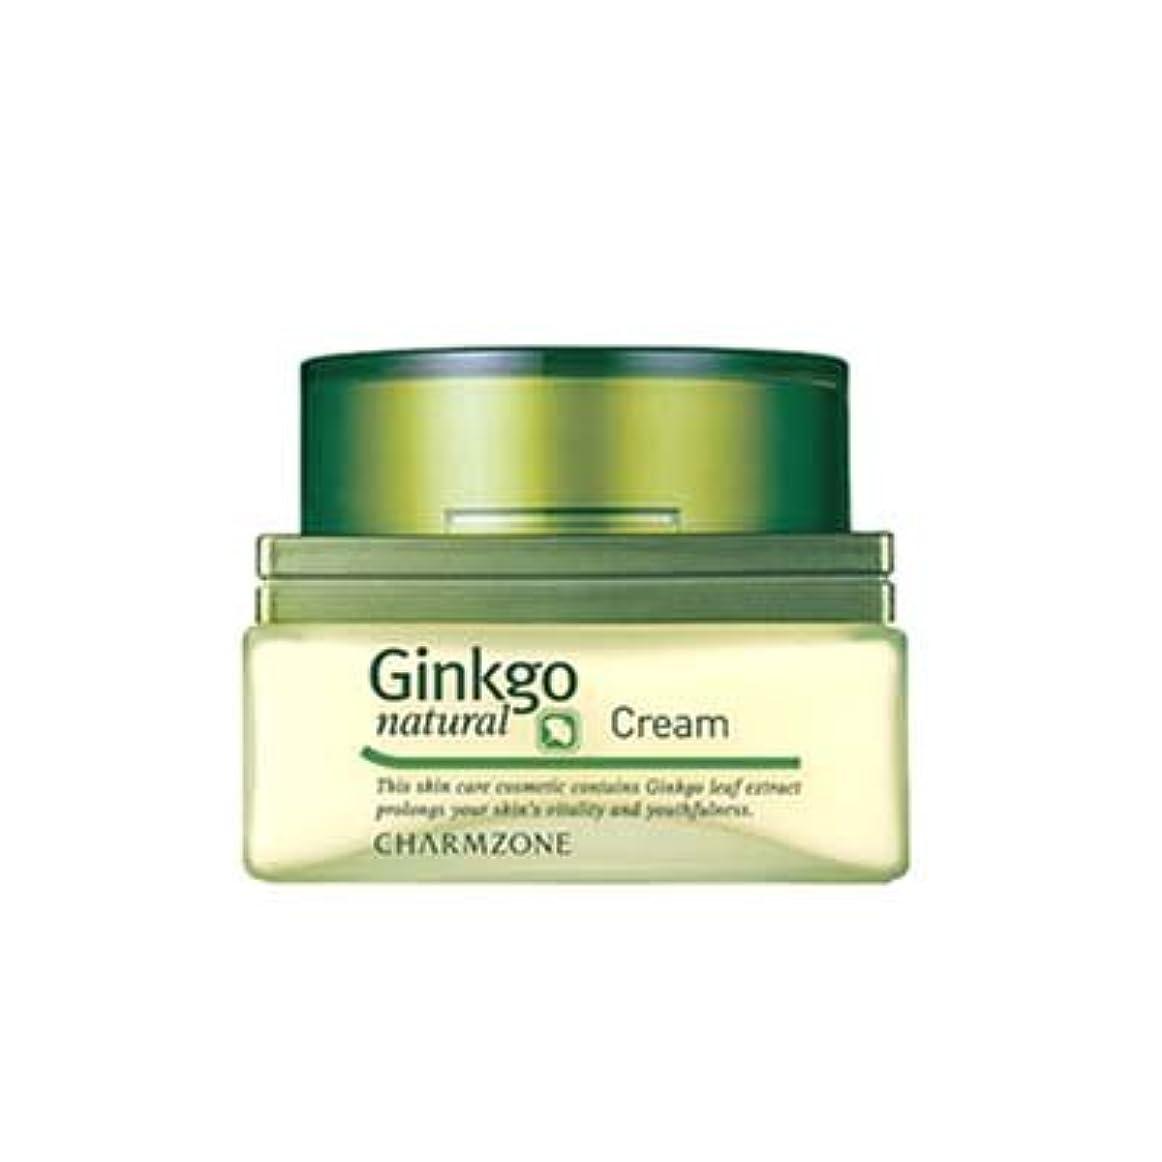 提出するローラー旅行代理店チャームゾーン Ginkgo natural (ジンコナチュラル) クリーム 60ml